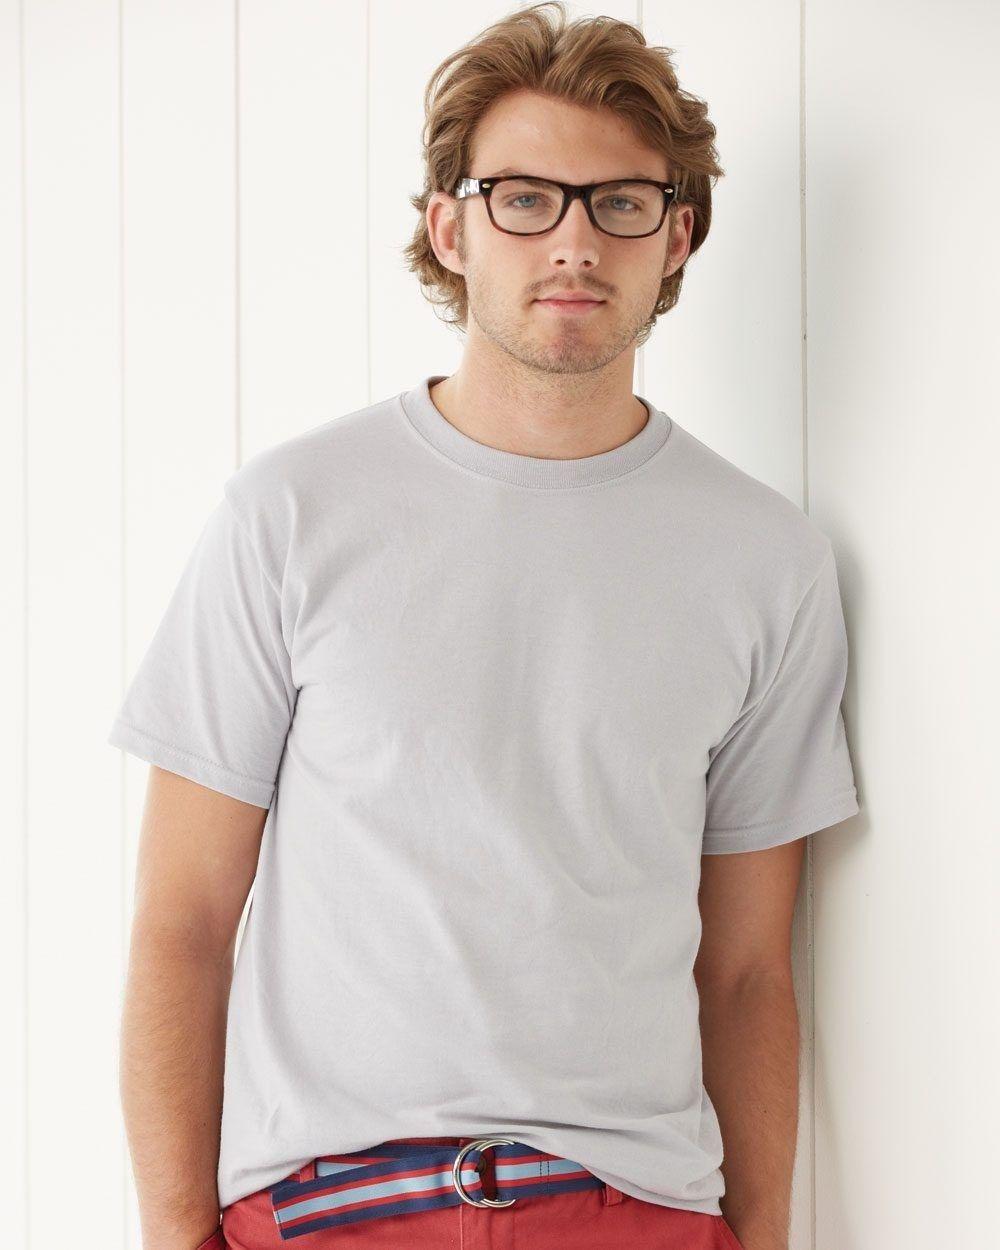 50 T-SHIRTS Blank 25 Black 25 White BULK LOT Wholesale Gildan 5000 Size: Large